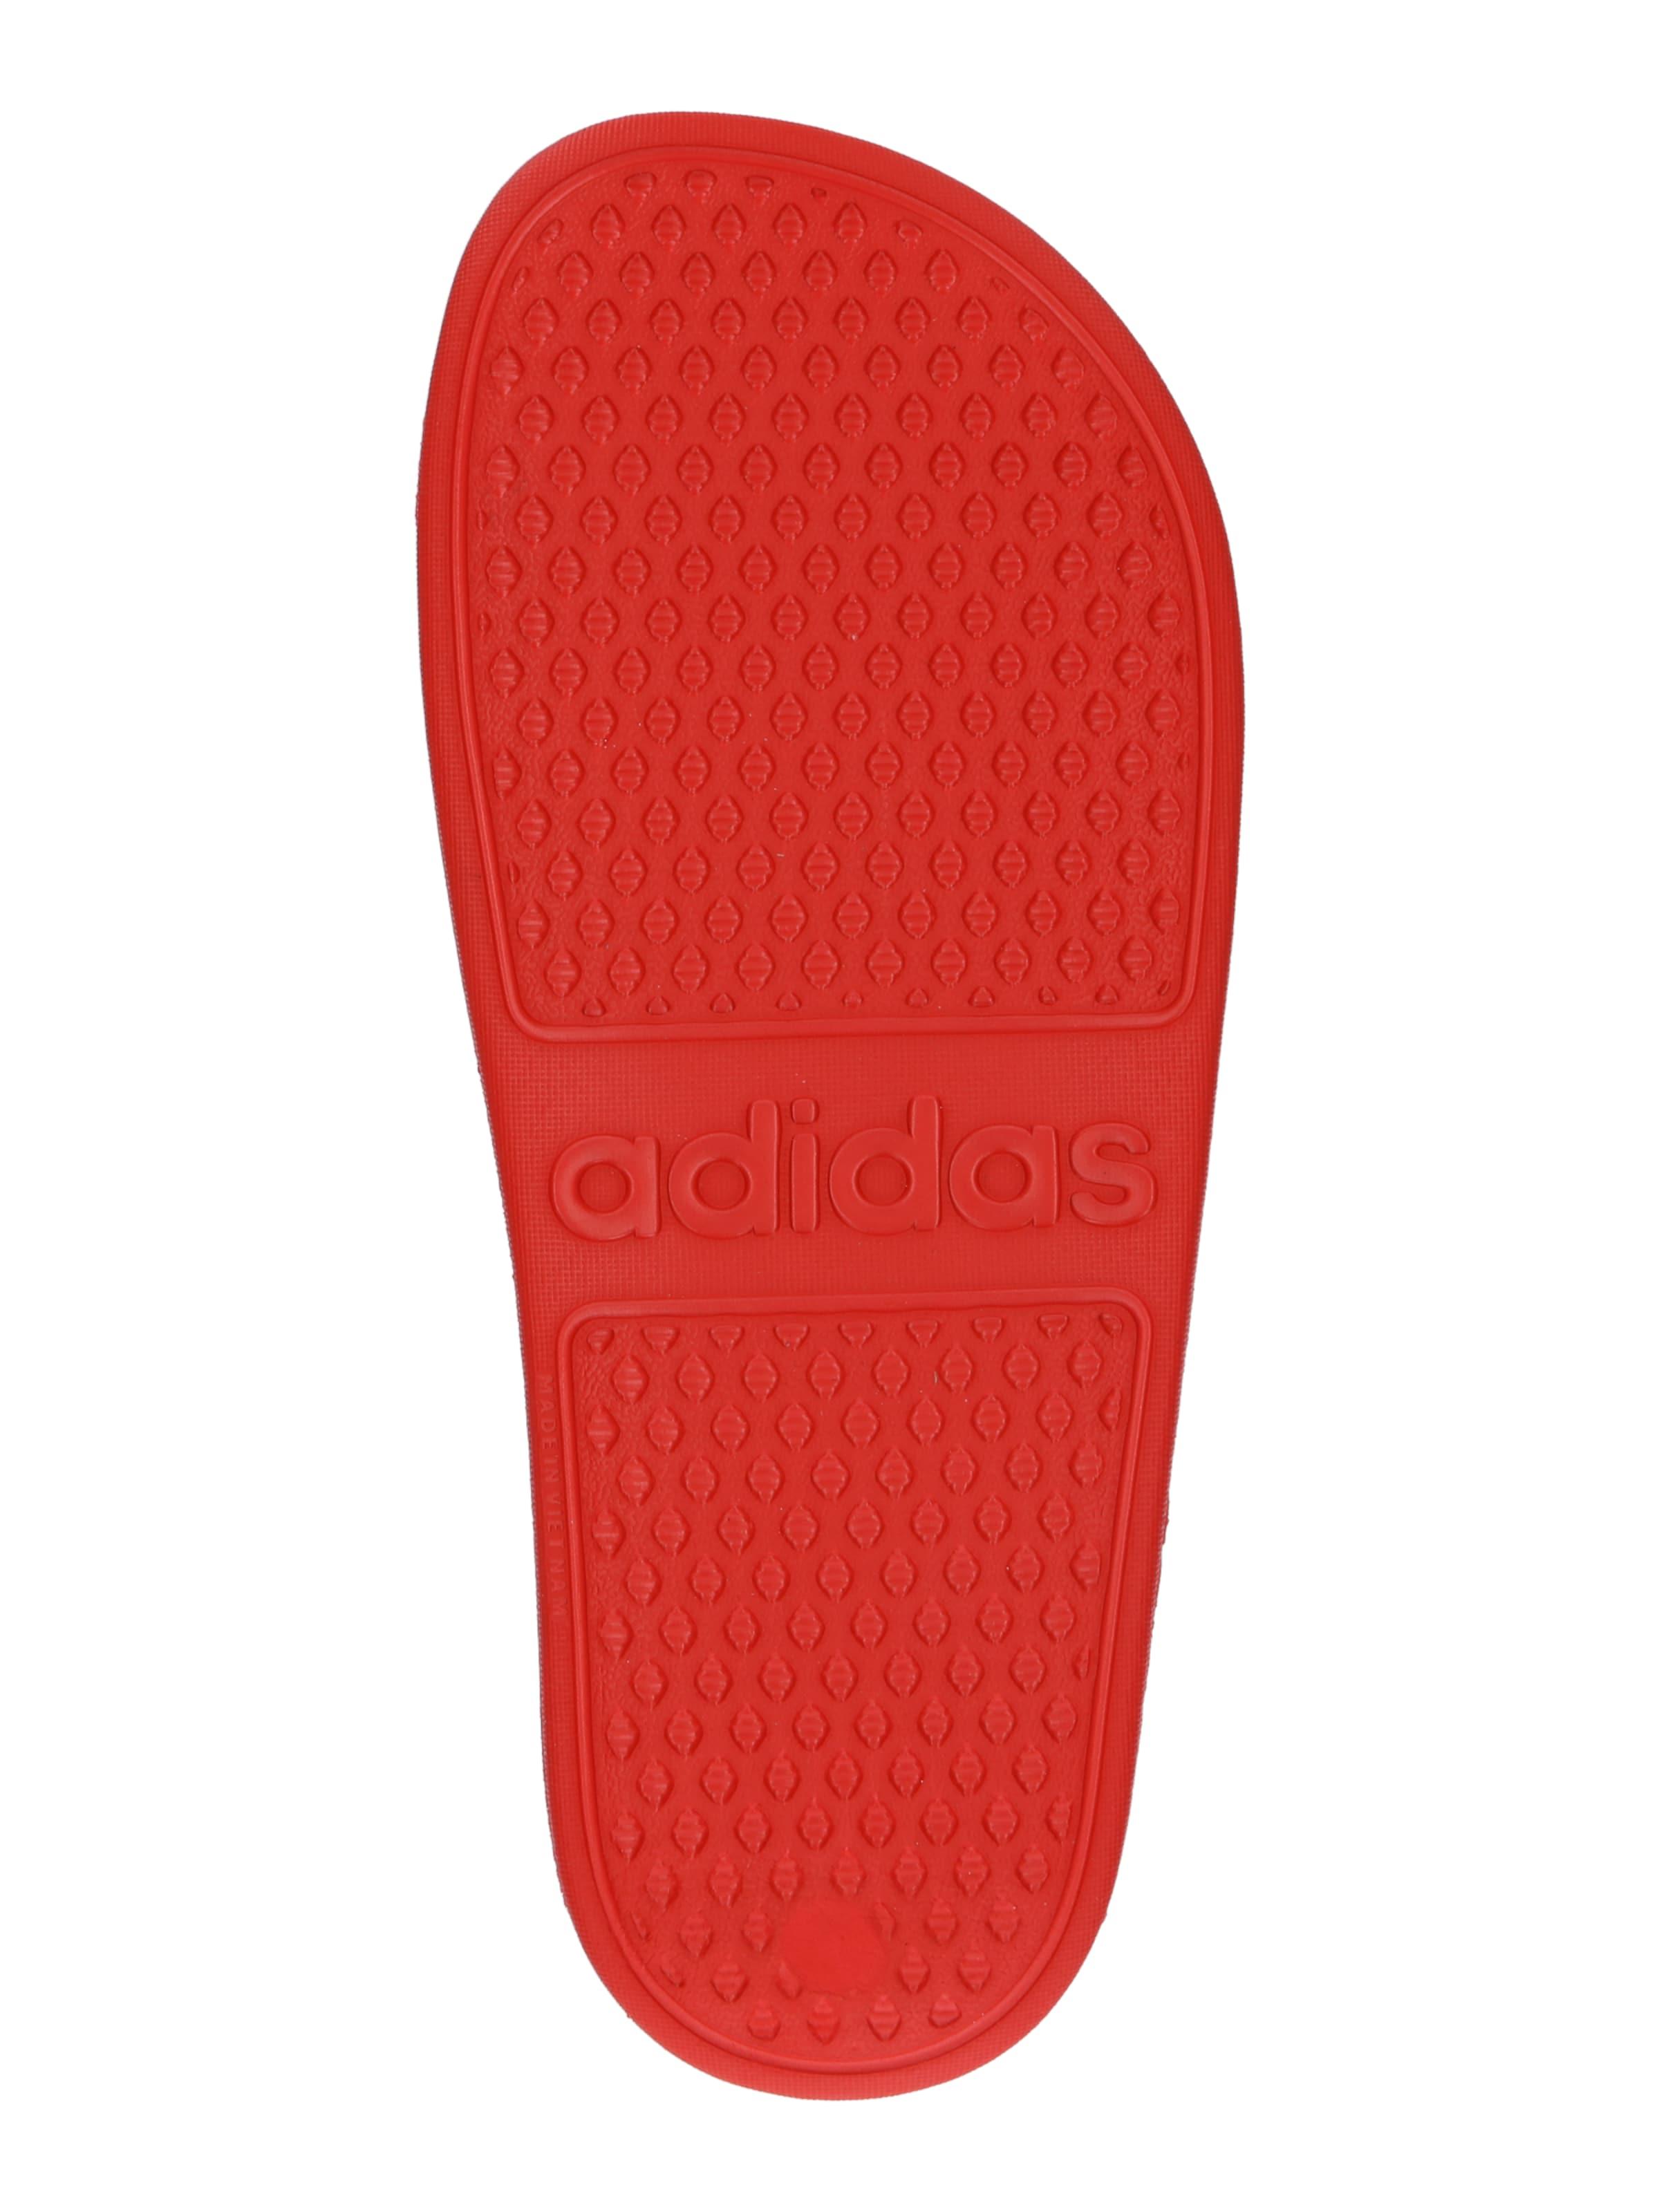 Adidas In RougeBlanc Aqua' OriginalsMule 'adilette YbvI7f6gy